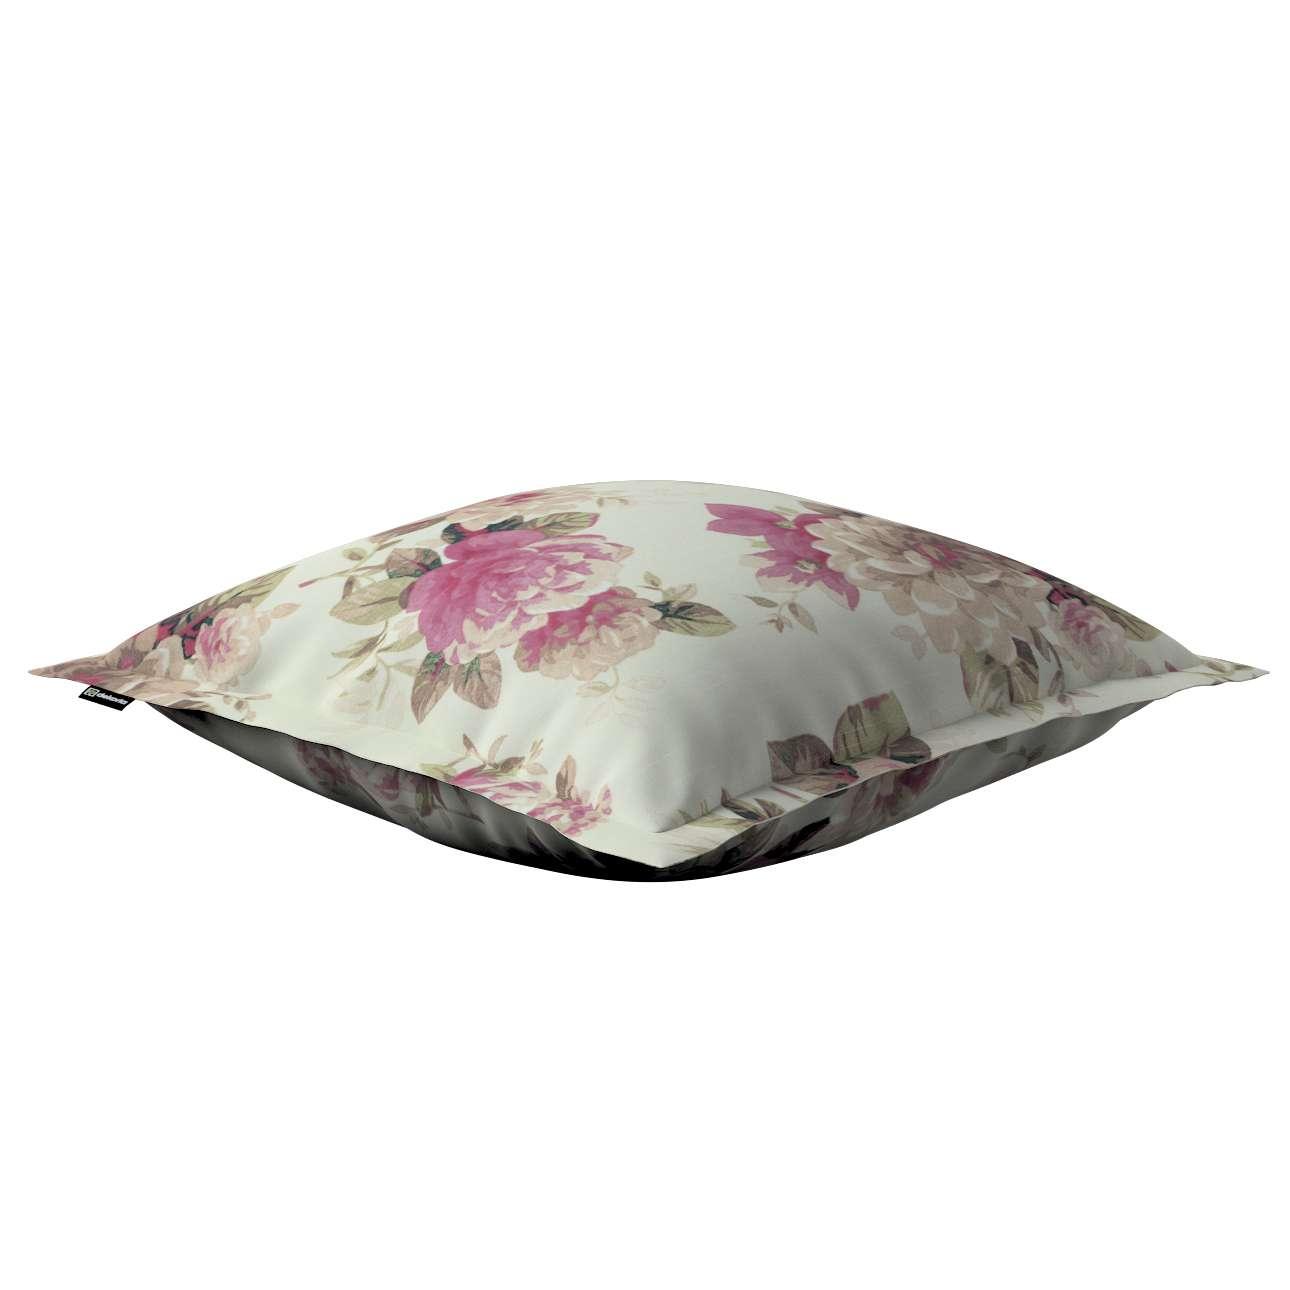 Poszewka Mona na poduszkę 45x45 cm w kolekcji Mirella, tkanina: 141-07